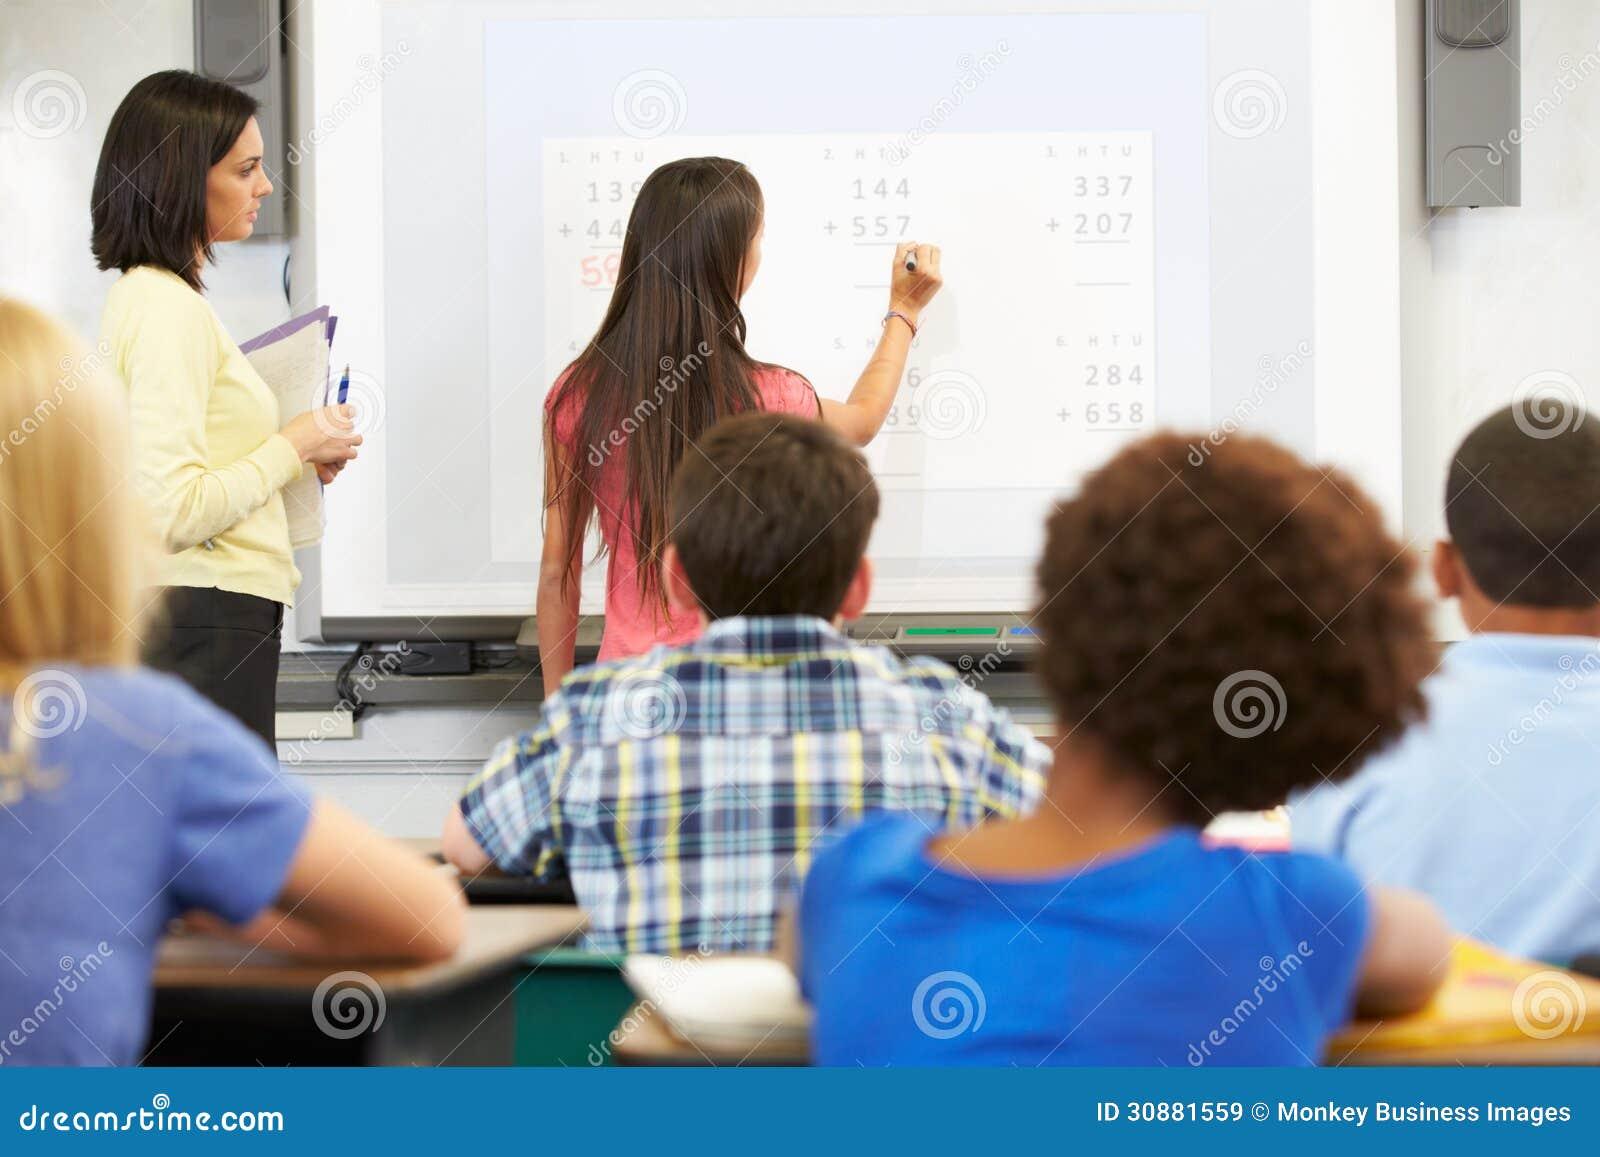 Kvinnlig student Writing Answer On Whiteboard